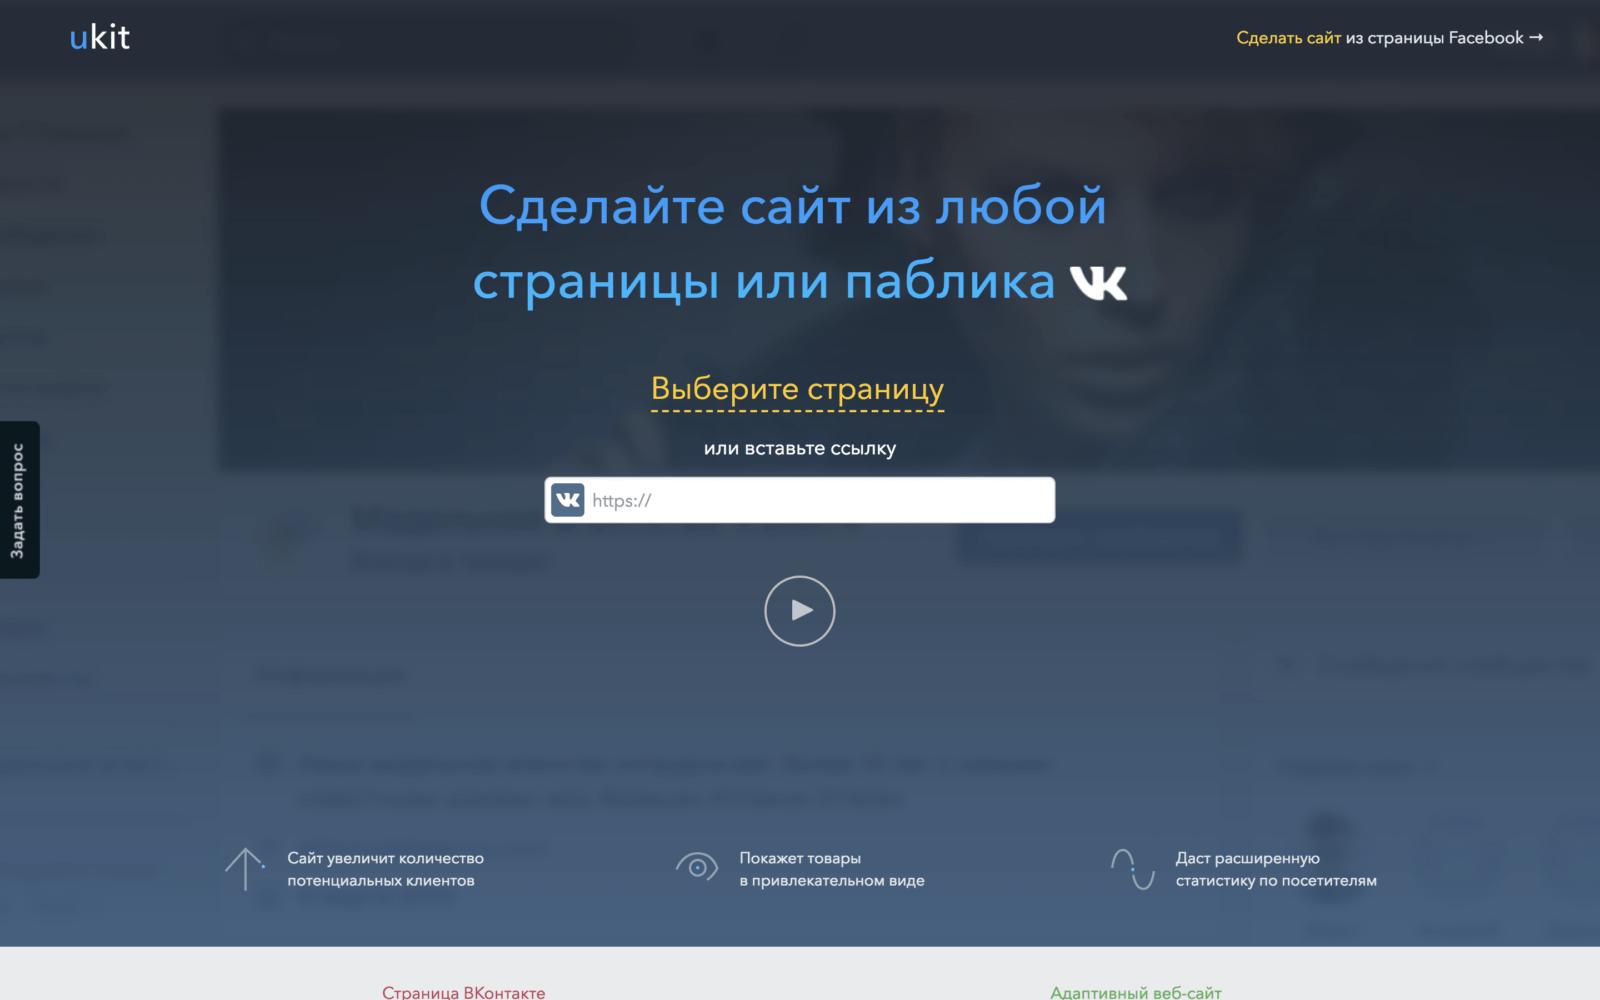 Сайт из страницы или паблика Вк